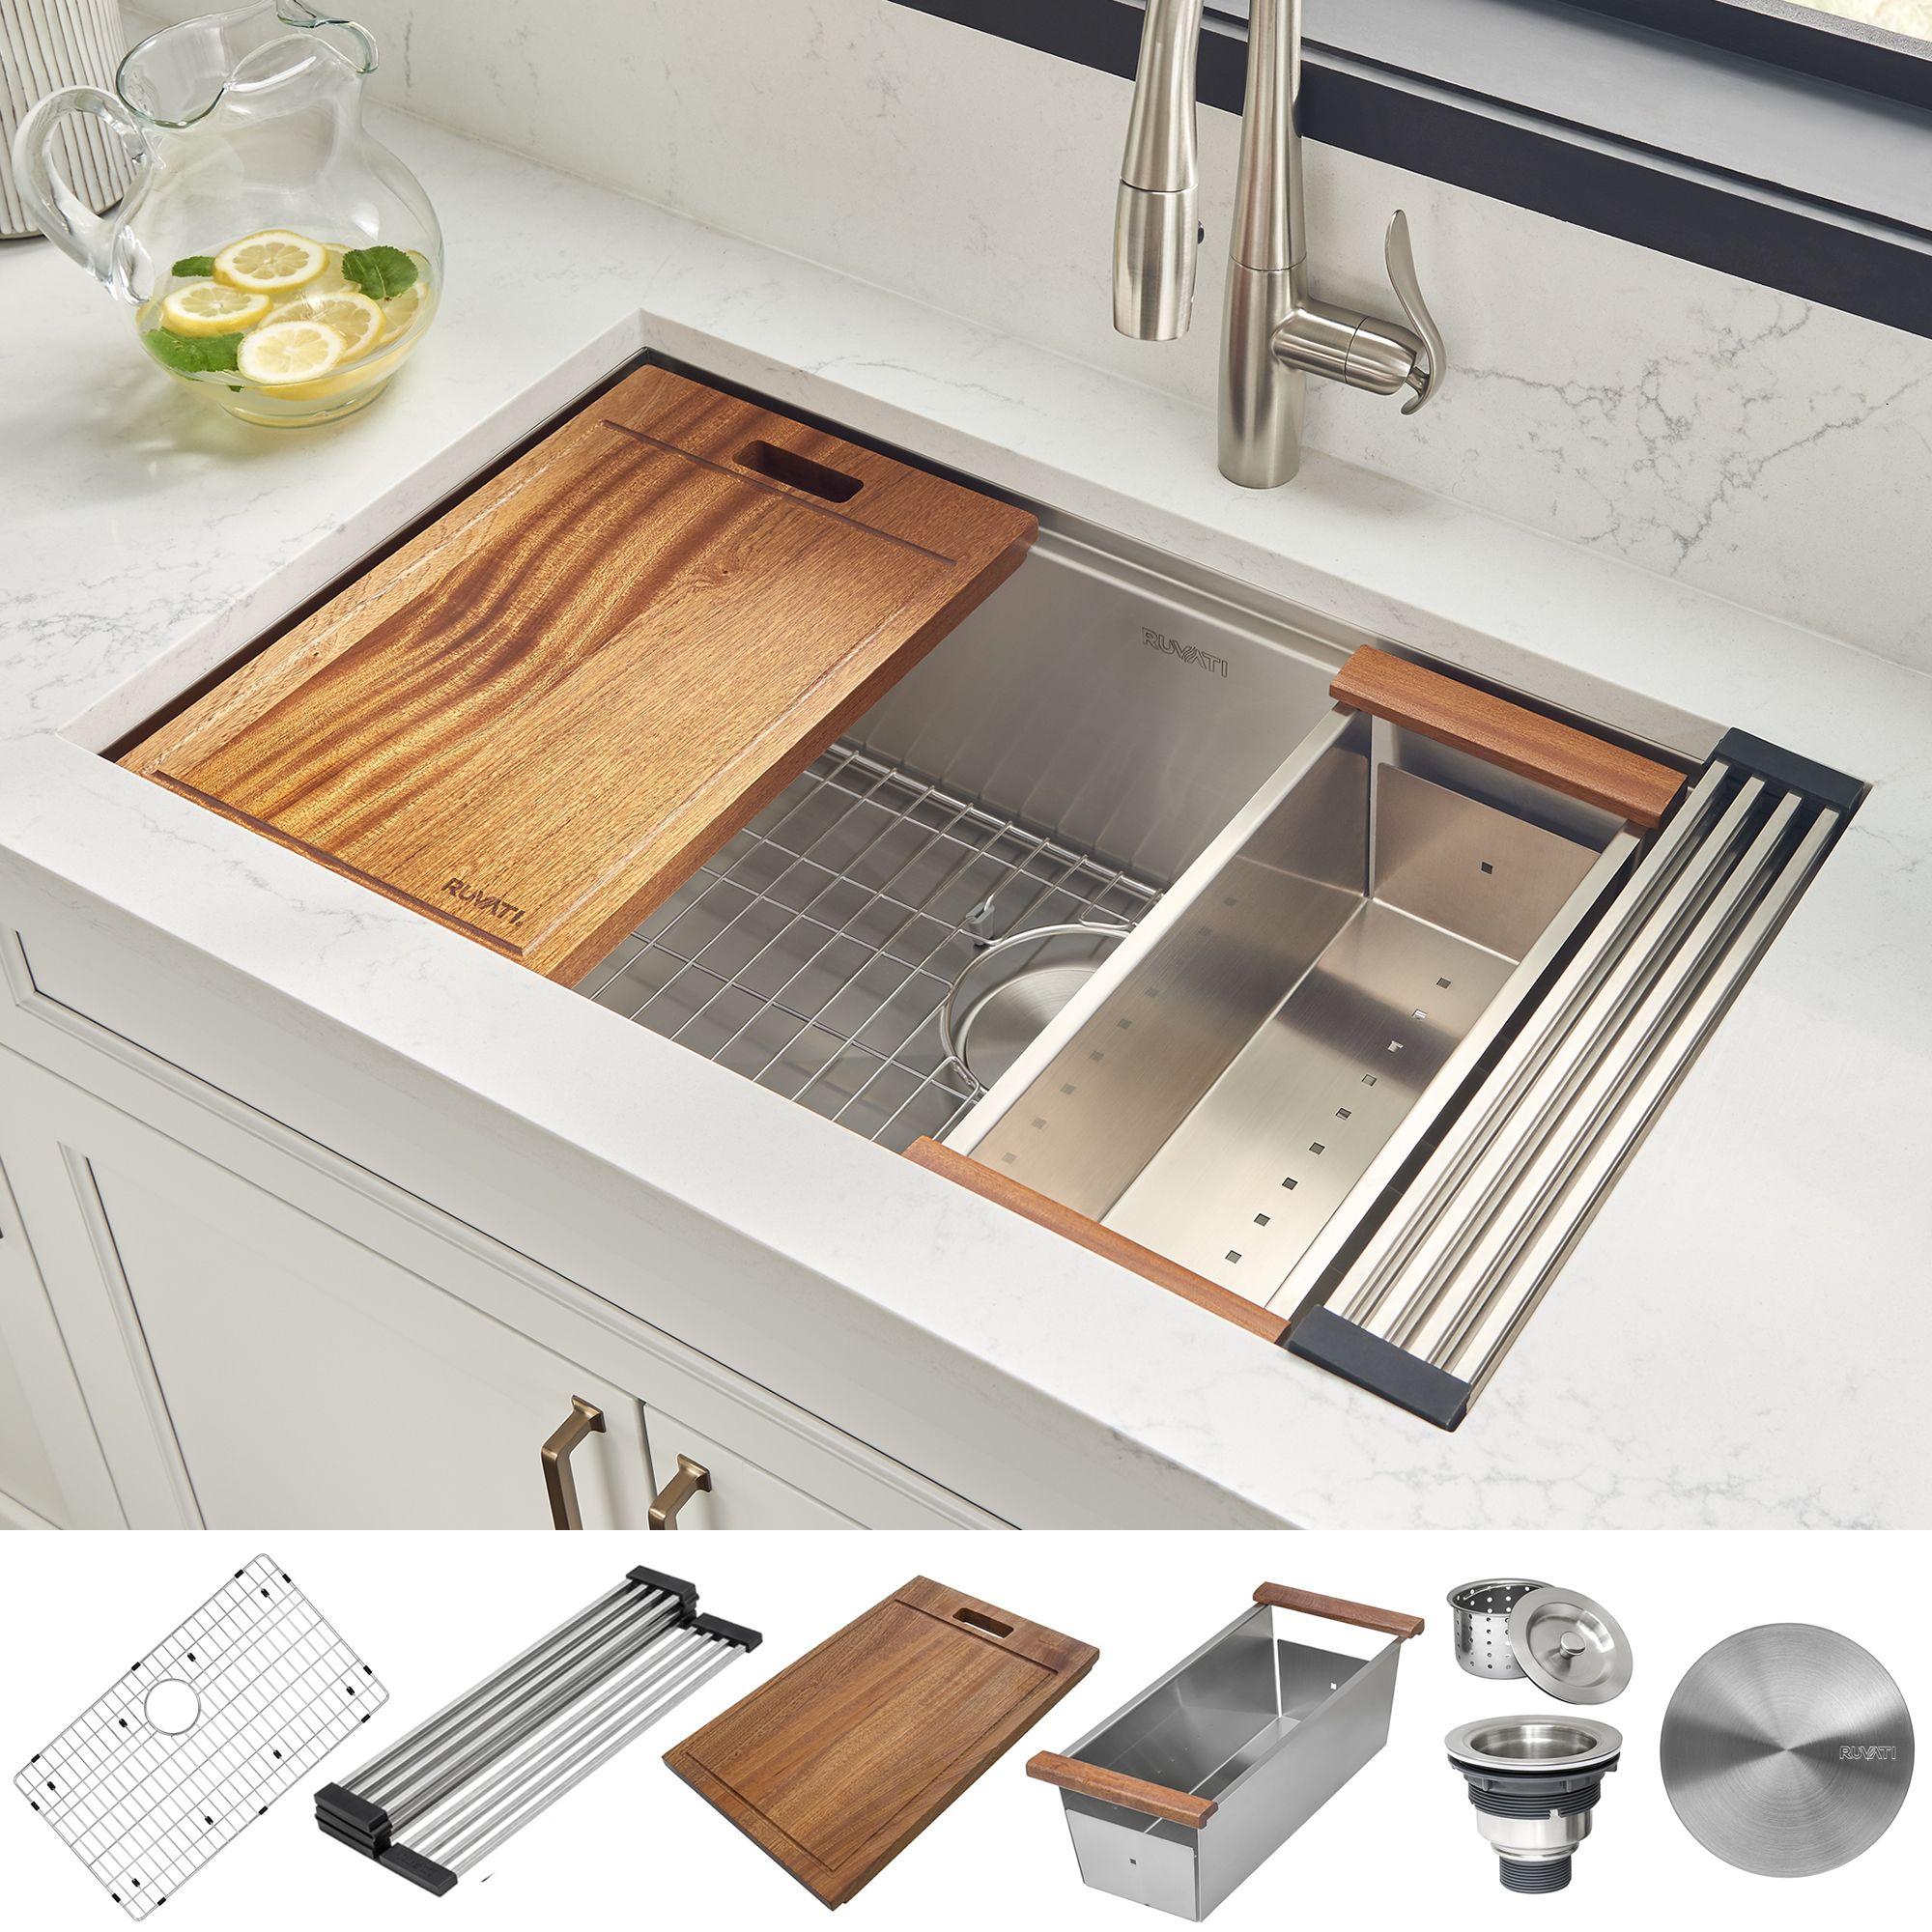 30 Inch Workstation Ledge Undermount 16 Gauge Stainless Steel Kitchen Sink Single Bowl Ruvati Usa Ledge Kitchen Sinks Stainless Steel Ledge Stainless Steel Kitchen Sink